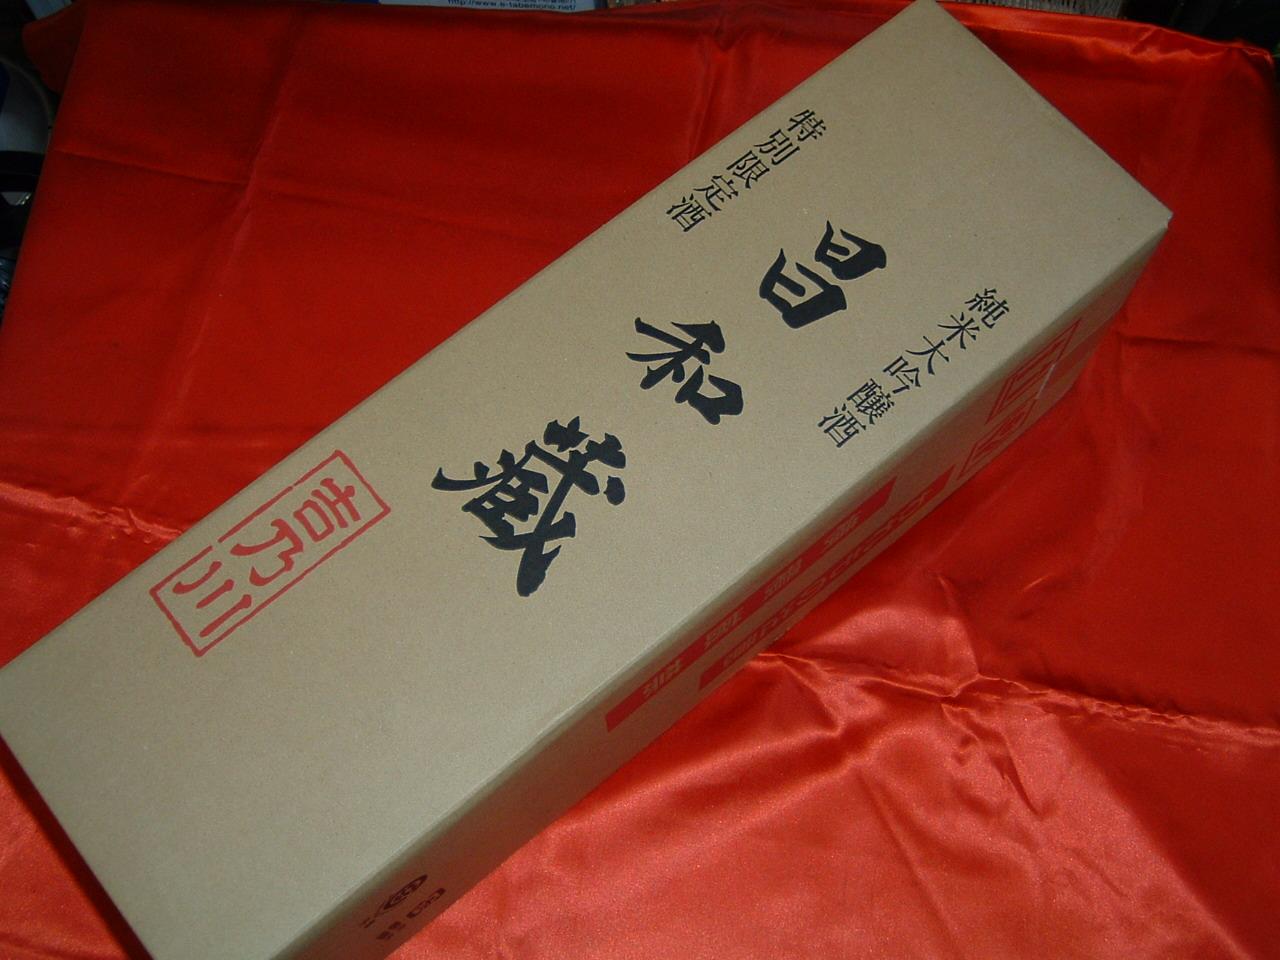 吉乃川純米大吟醸『昌和蔵』1800ml